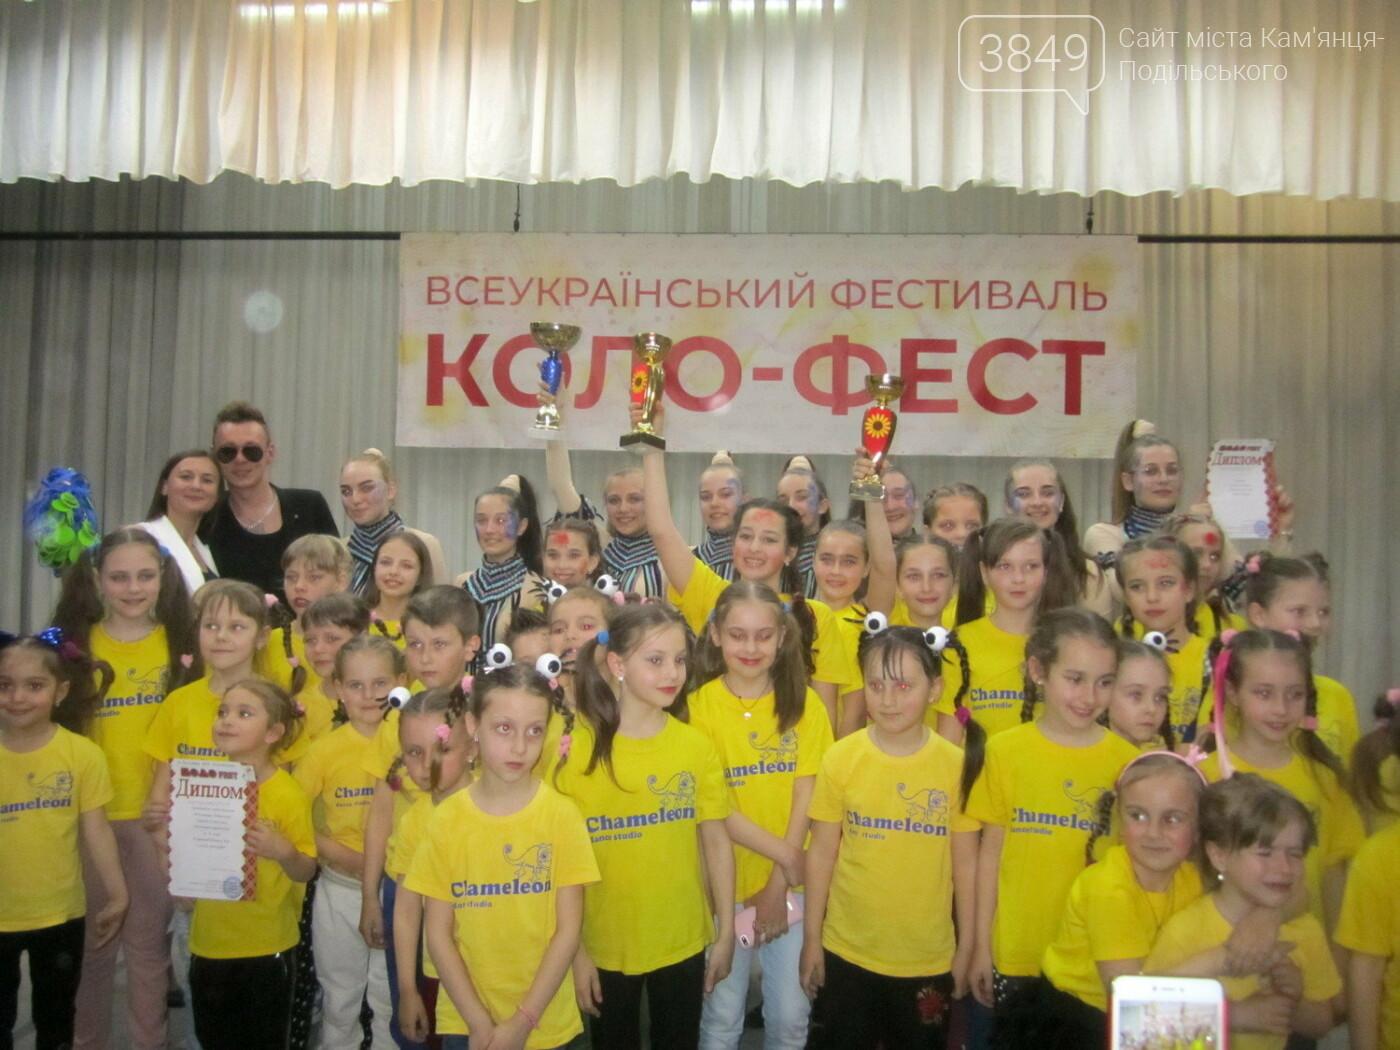 Кам'янецькі танцюристи привезли Гран-прі з всеукраїнського фестивалю, фото-2